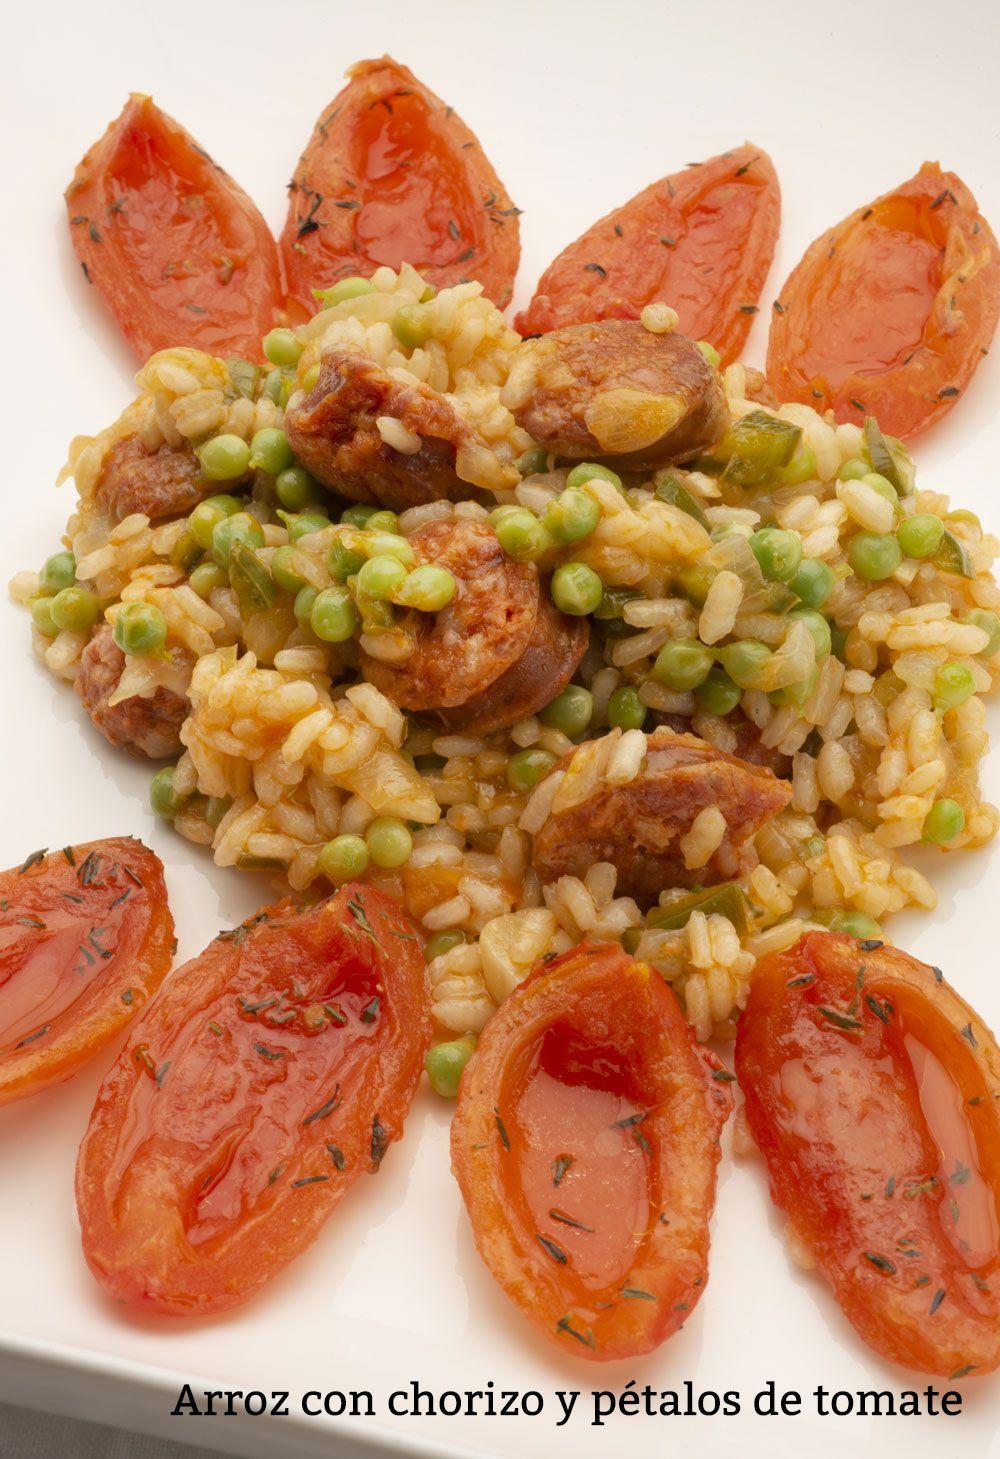 Arroz con chorizo y pétalos de tomate.